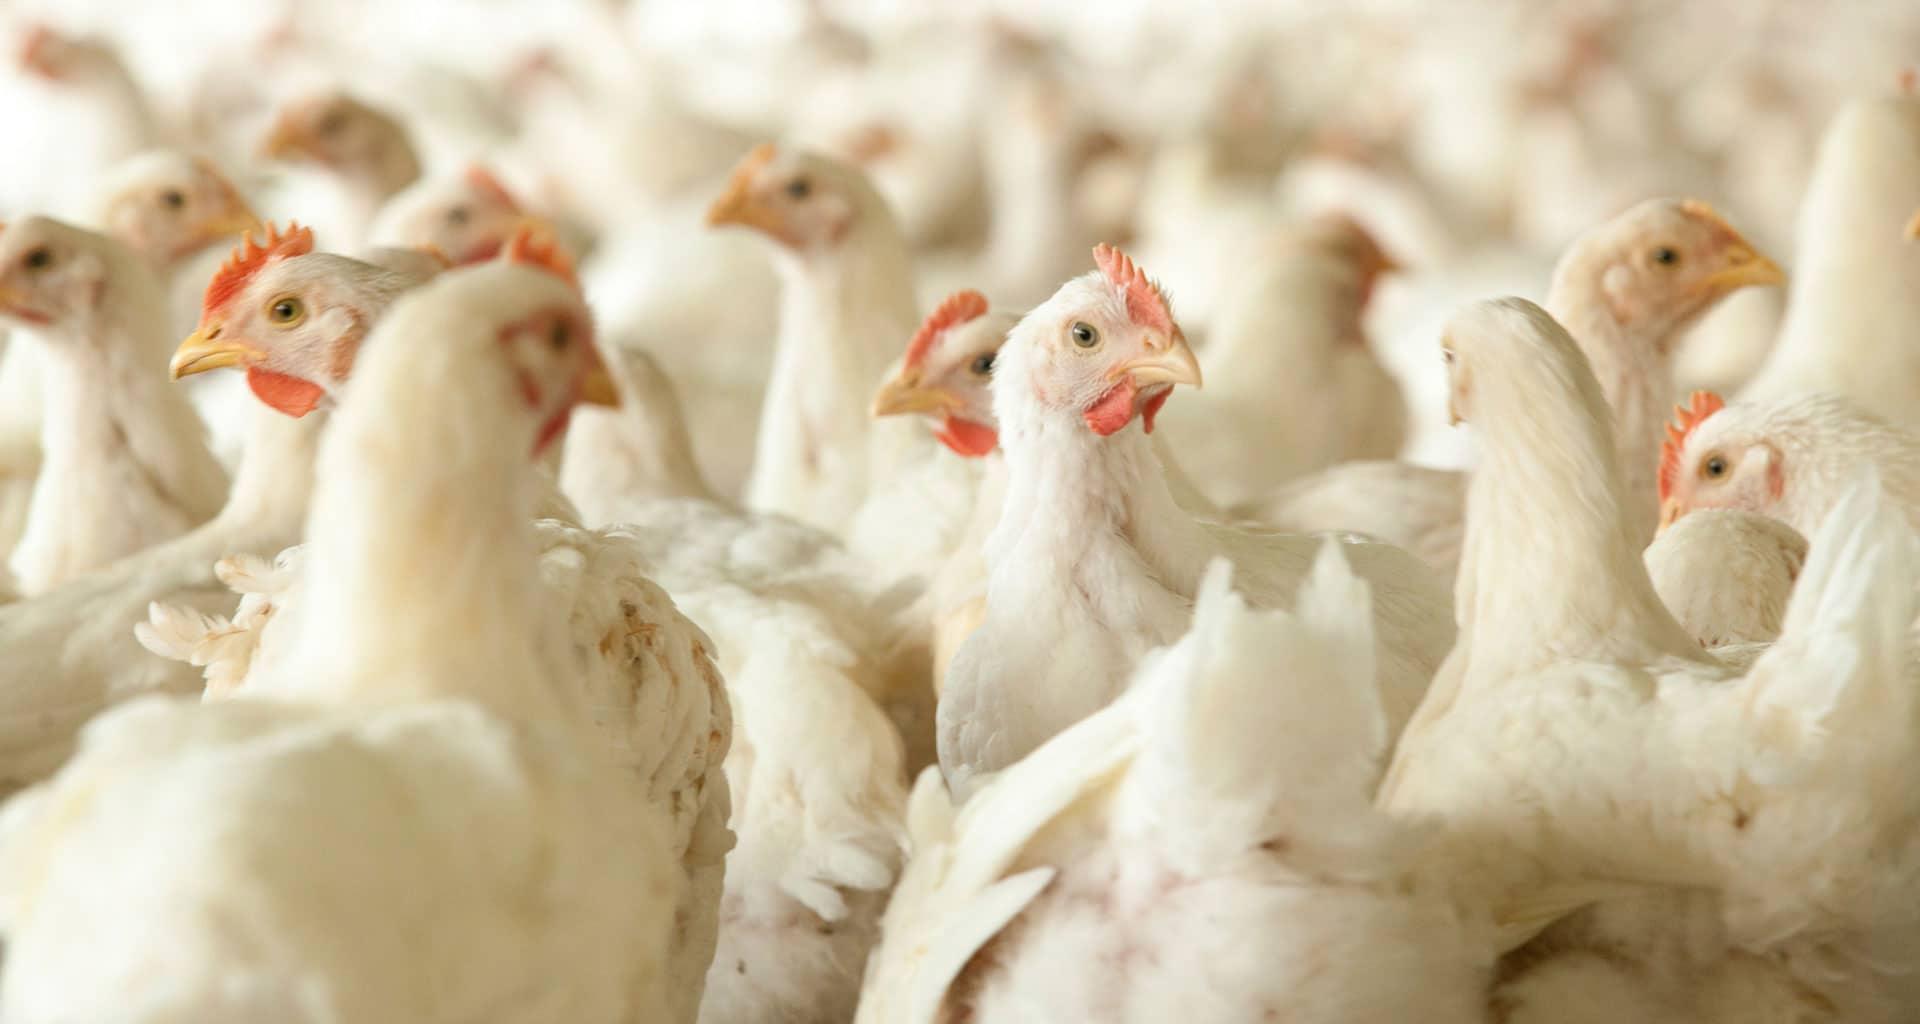 kippen in een keten